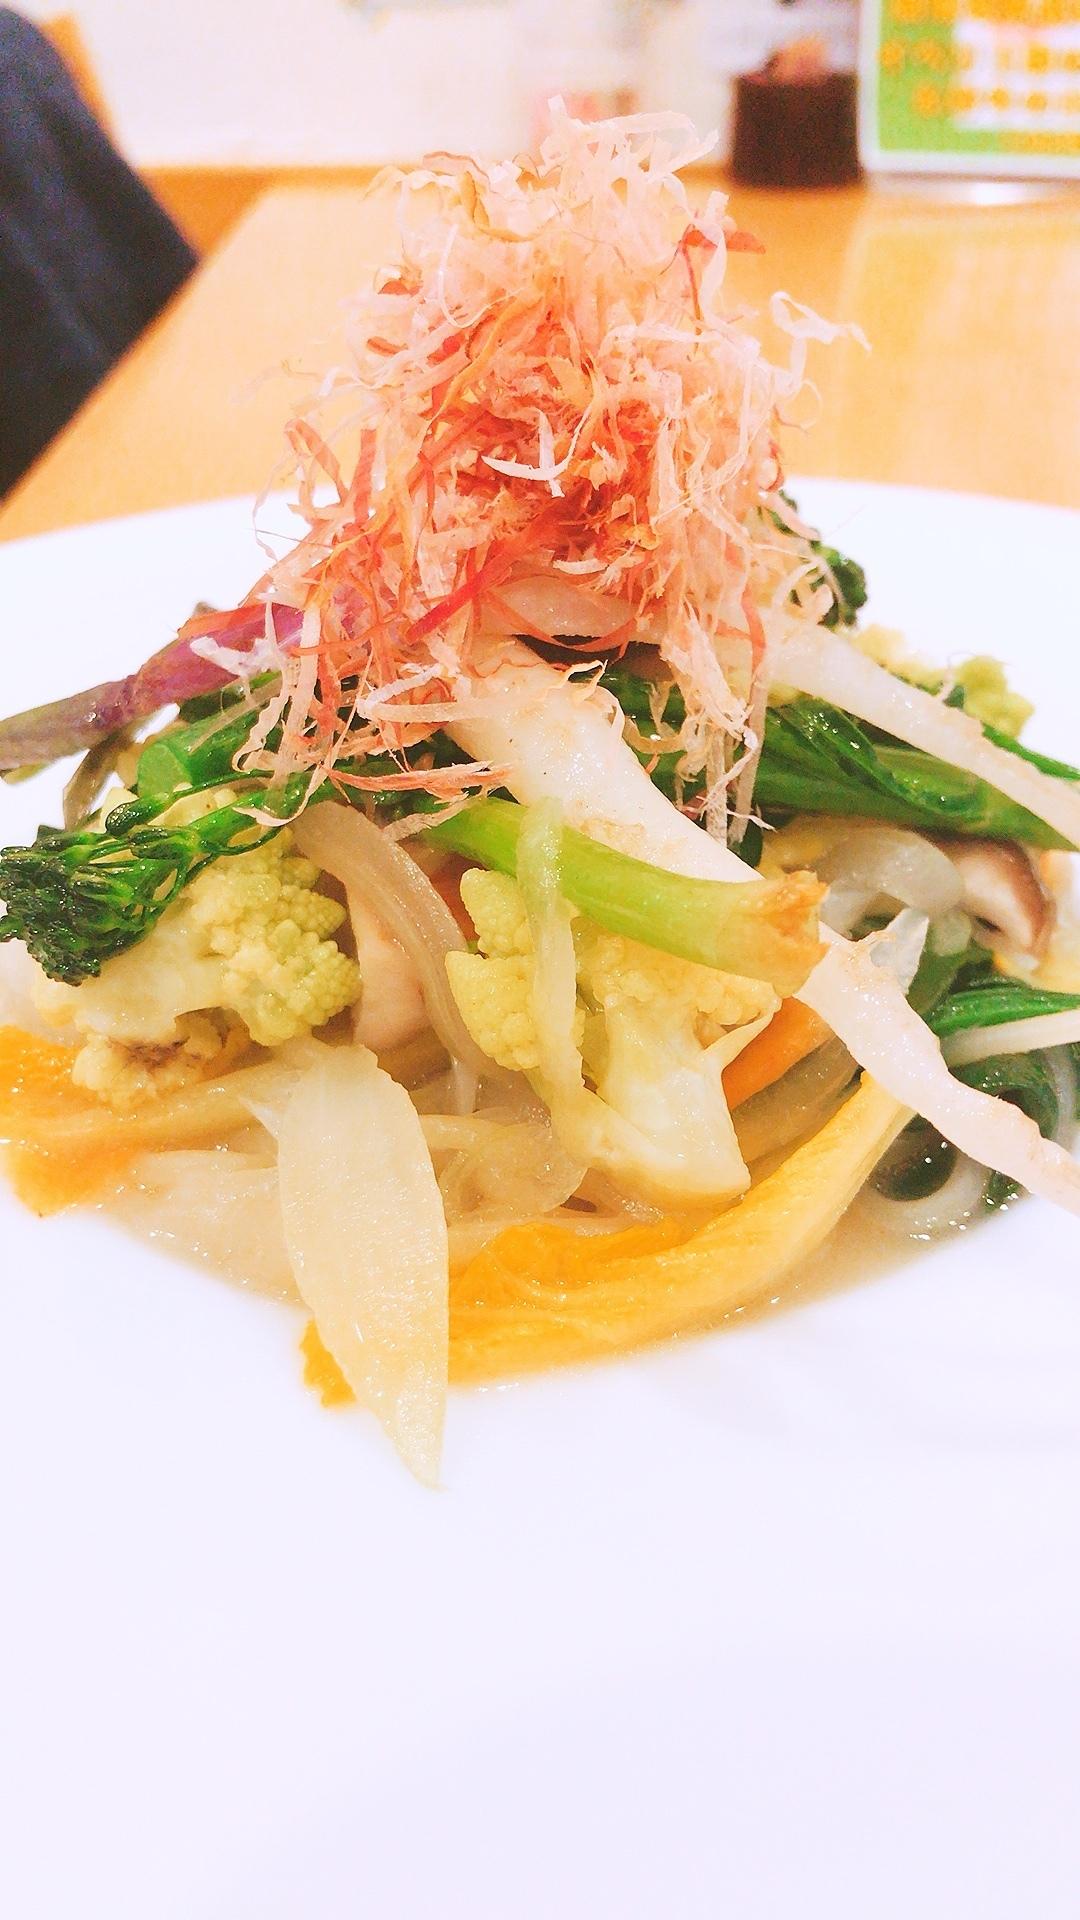 旬野菜たっぷりのほっこり和風生パスタ